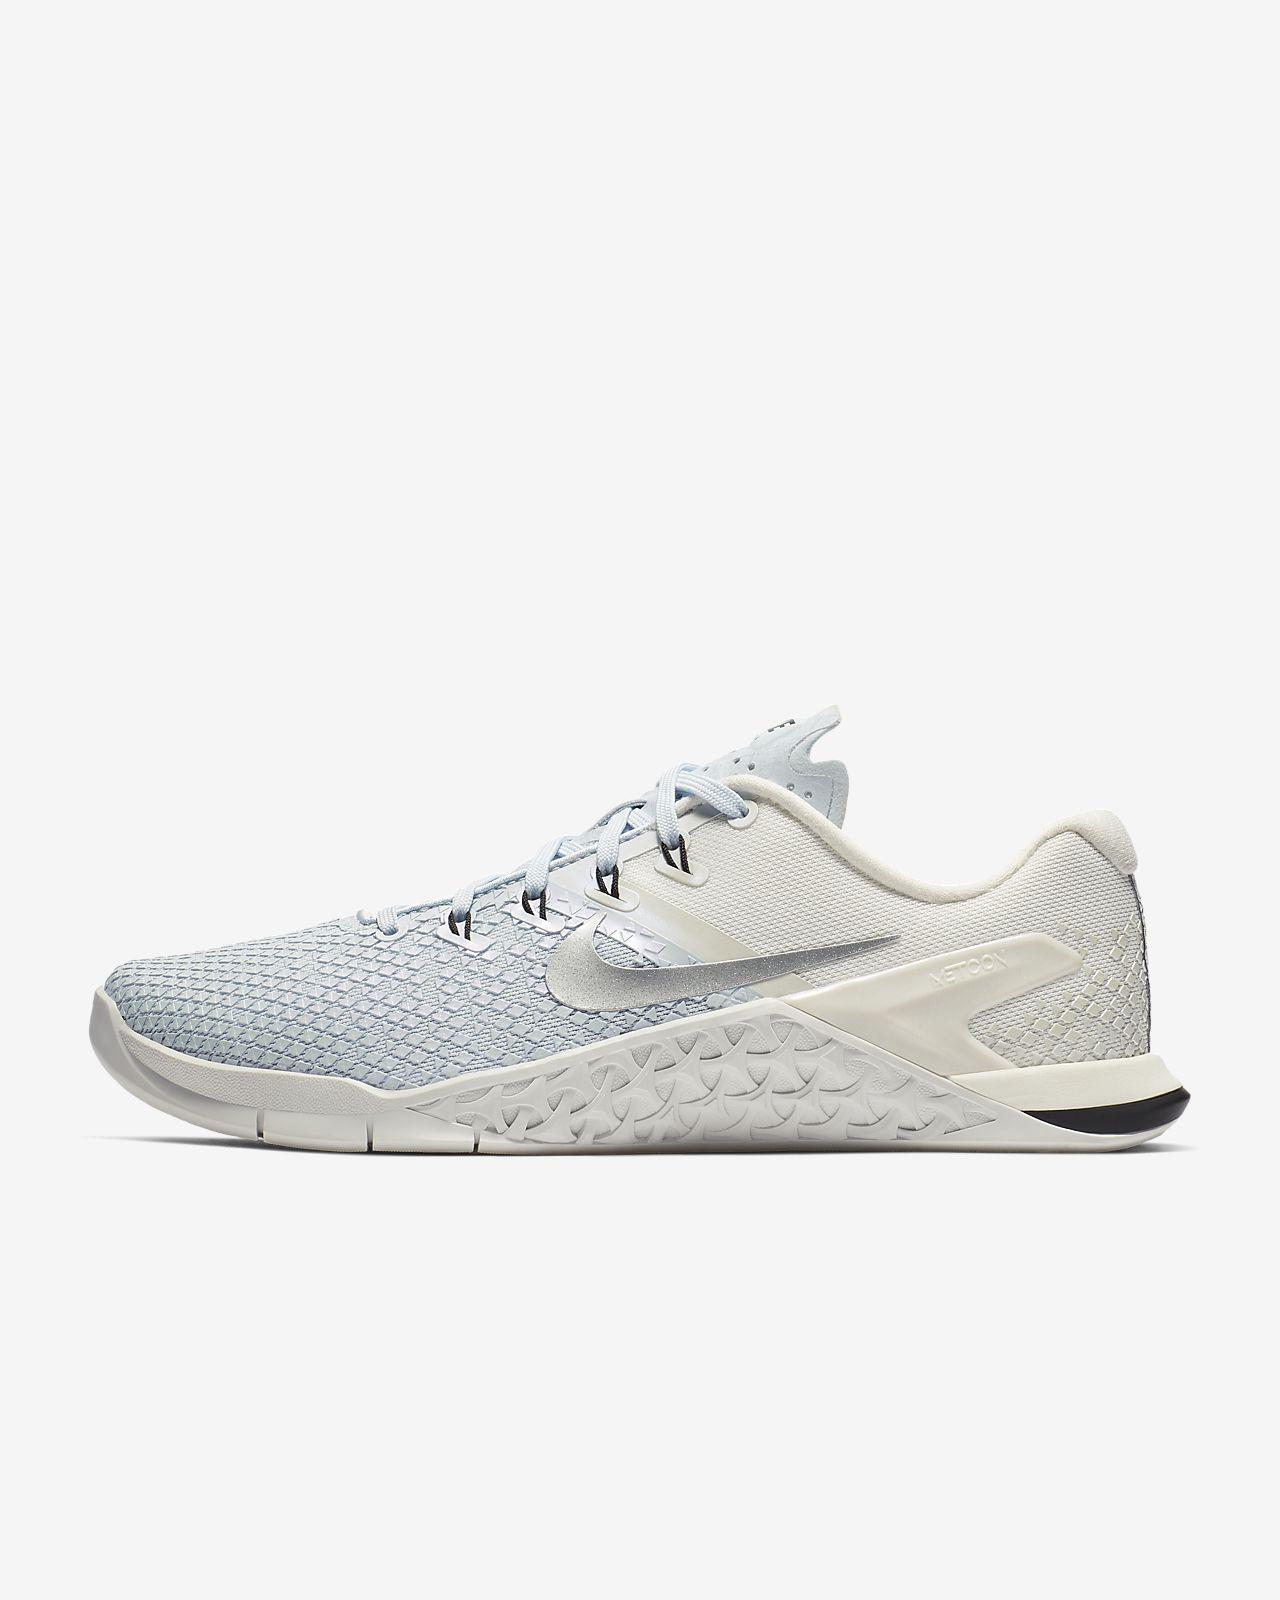 vektløfting Nike XD sko til Metallic for crosstraining Metcon og 4 f7yIYm6gvb